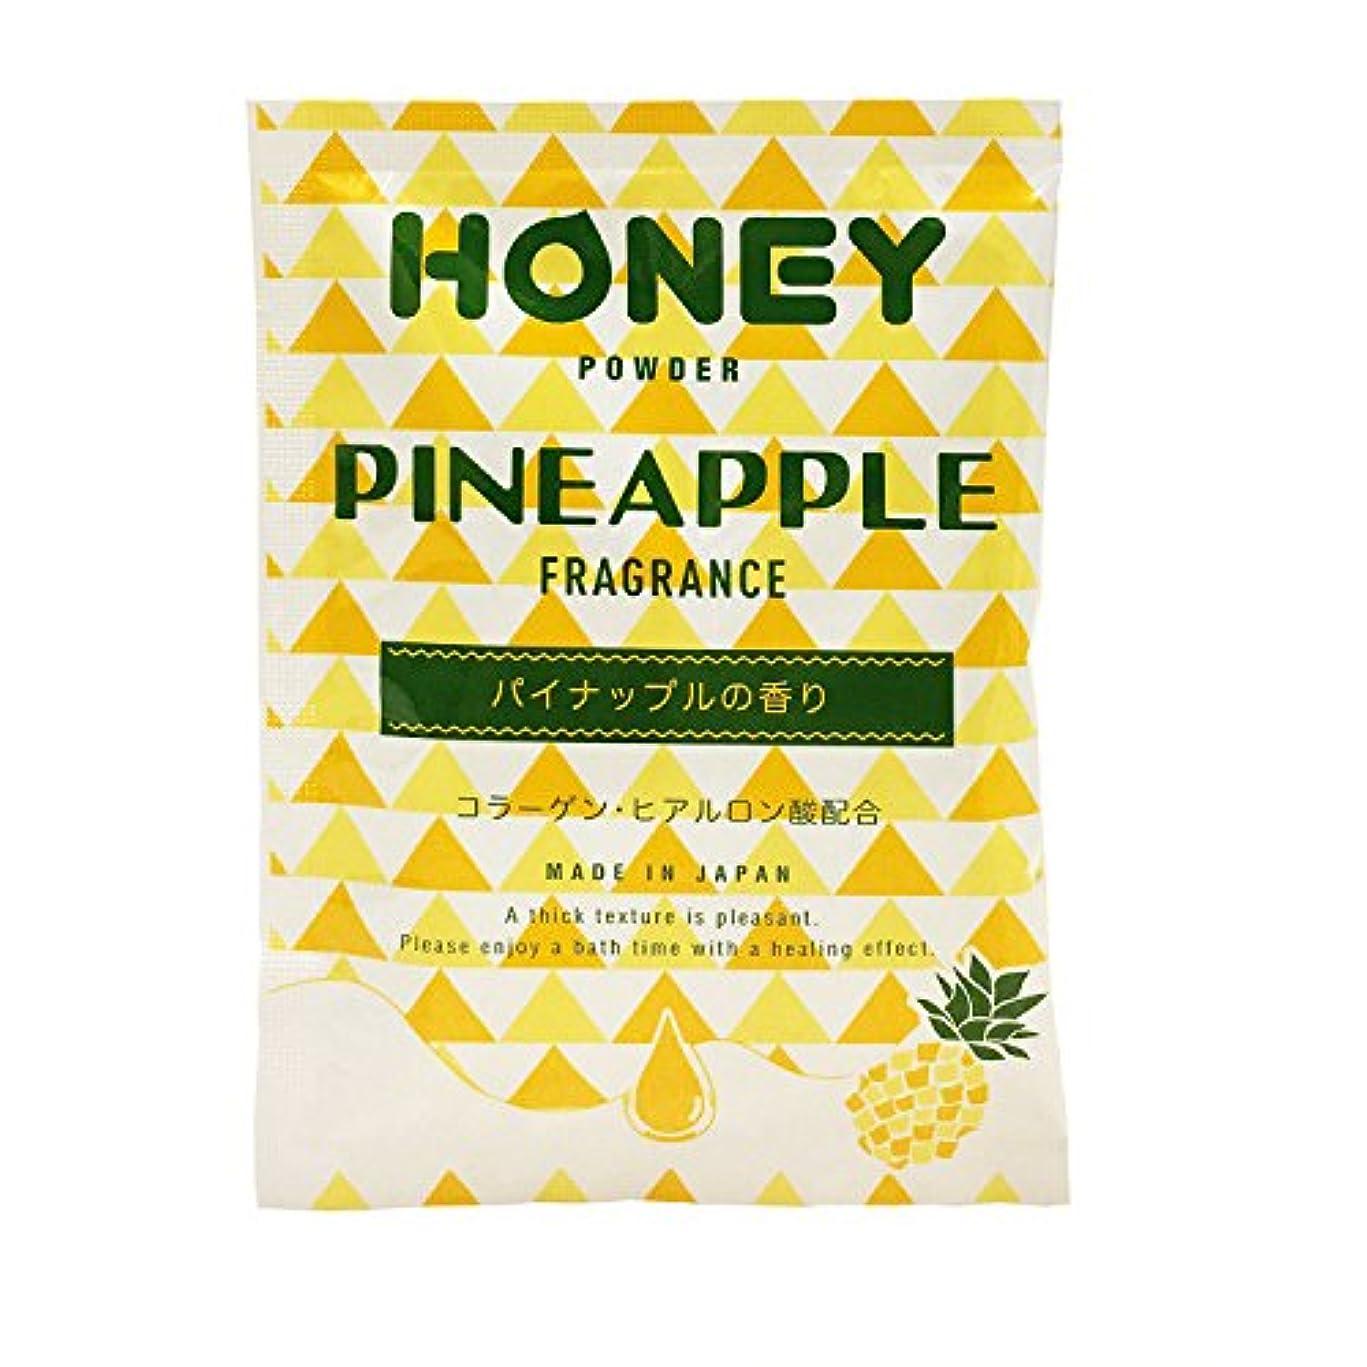 マリナーマイコン万歳とろとろ入浴剤【honey powder】(ハニーパウダー) パイナップルの香り 粉末タイプ ローション